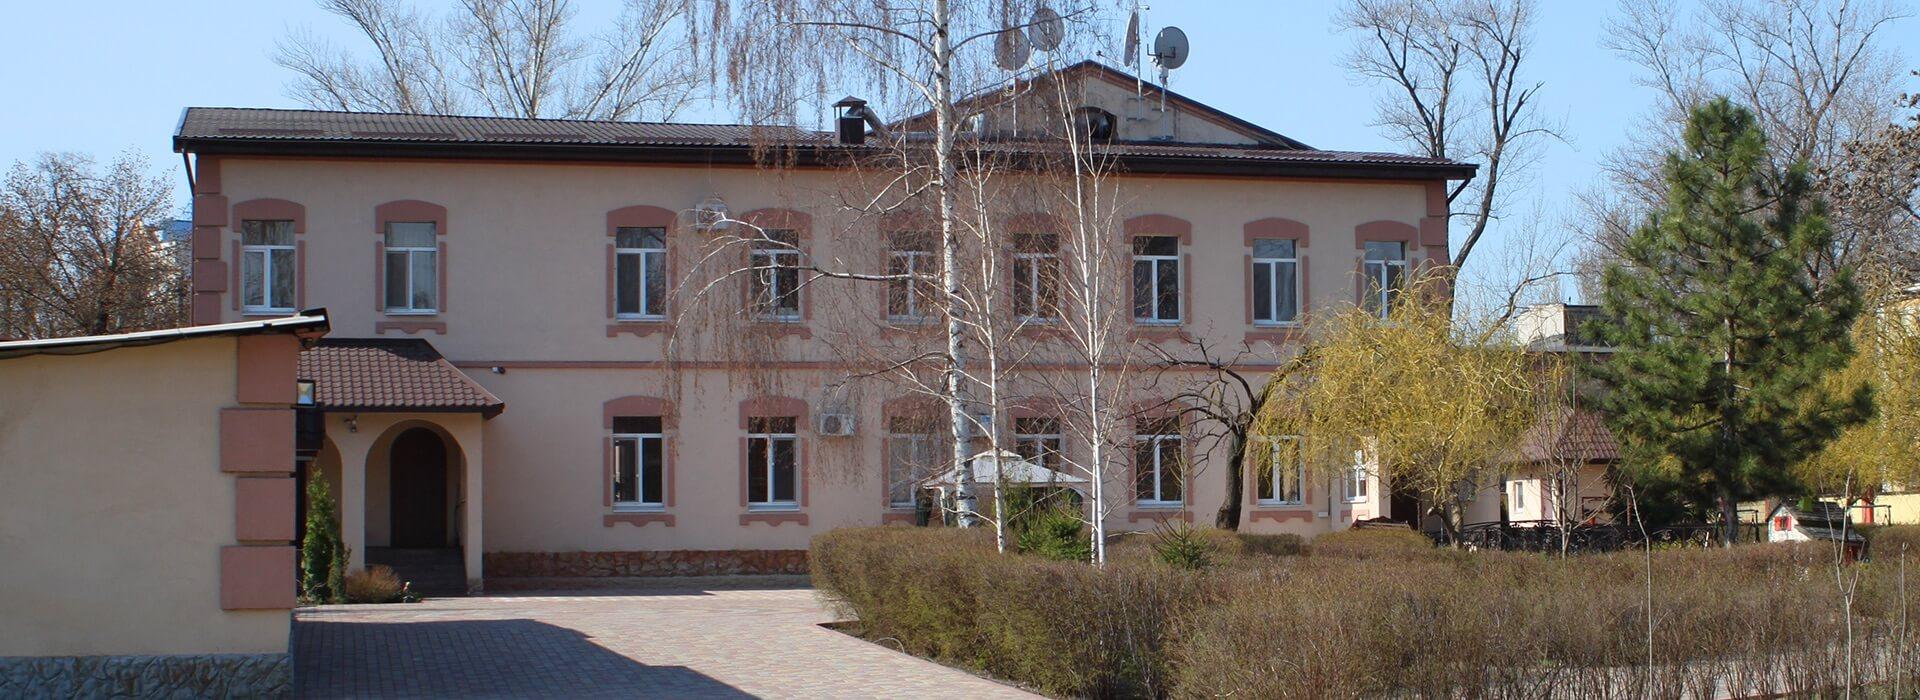 Главное здание НИИ Детской и семейной психиатрии, психотерапии, психологии, медицинского и психосоциальной реабилитации